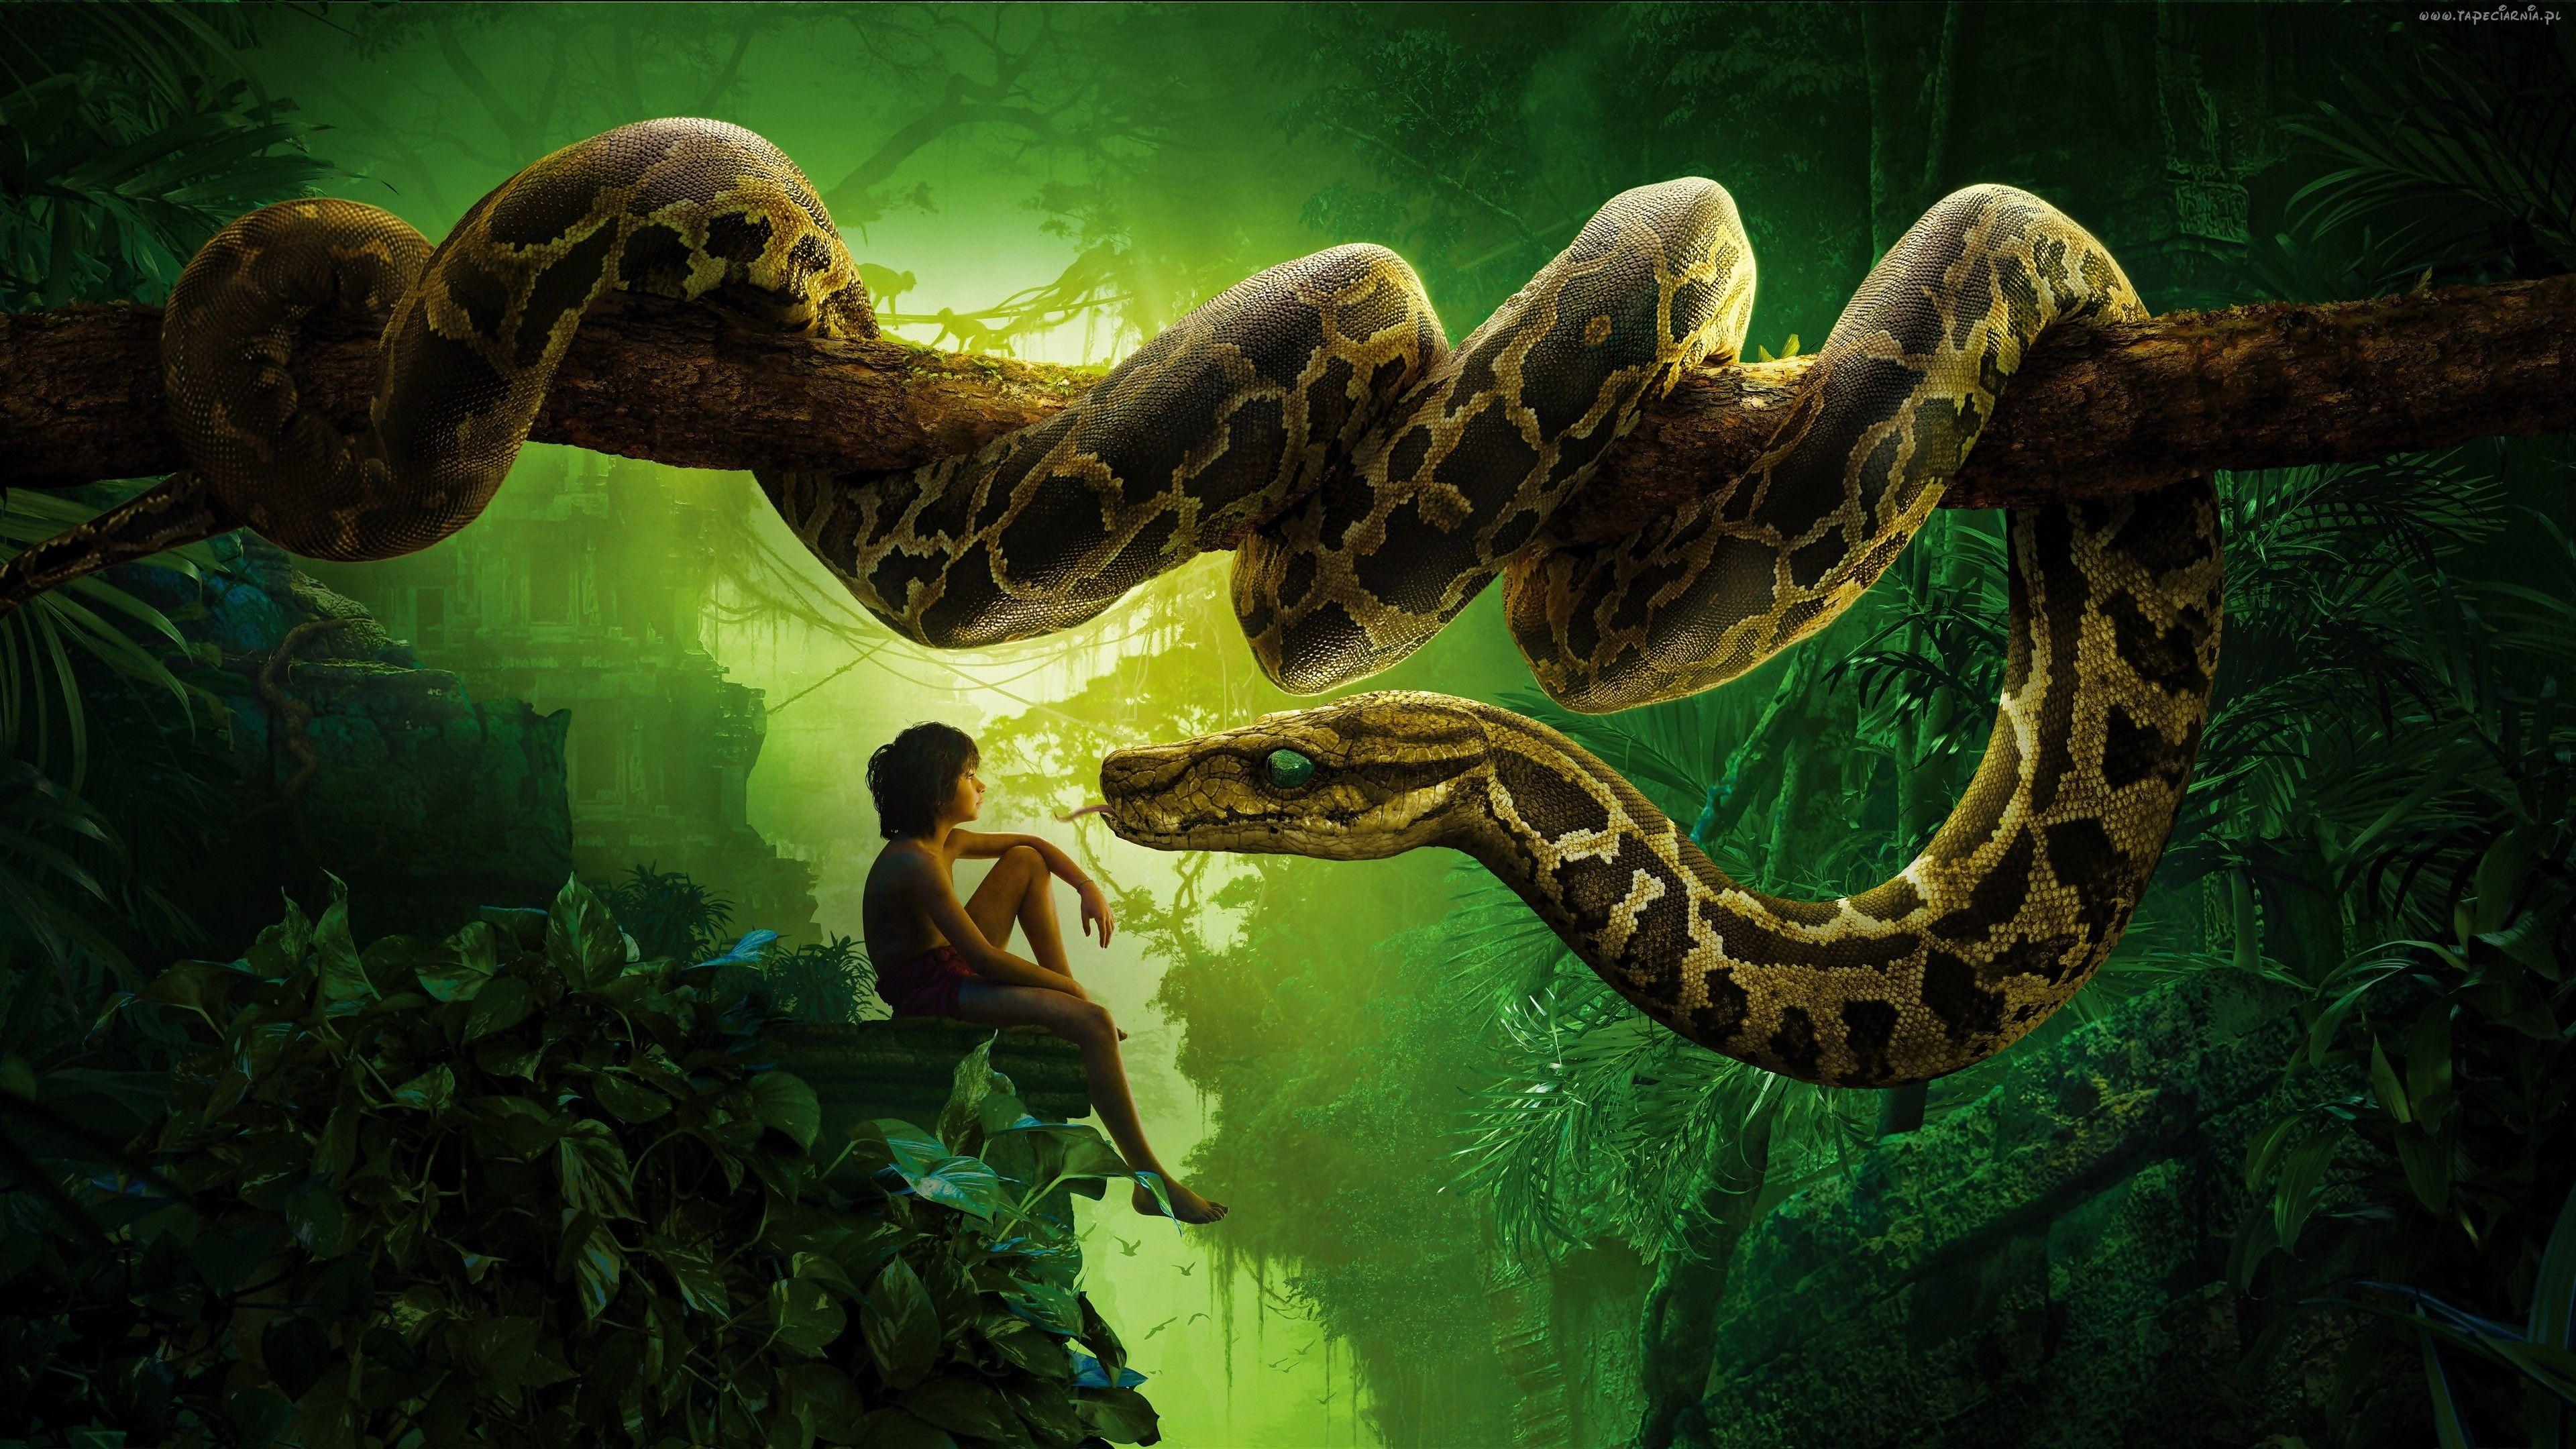 Chłopiec Wąż Skały Księga Dżungli El Libro De La Selva Libro De La Selva Kaa Papel Tapiz De Libros